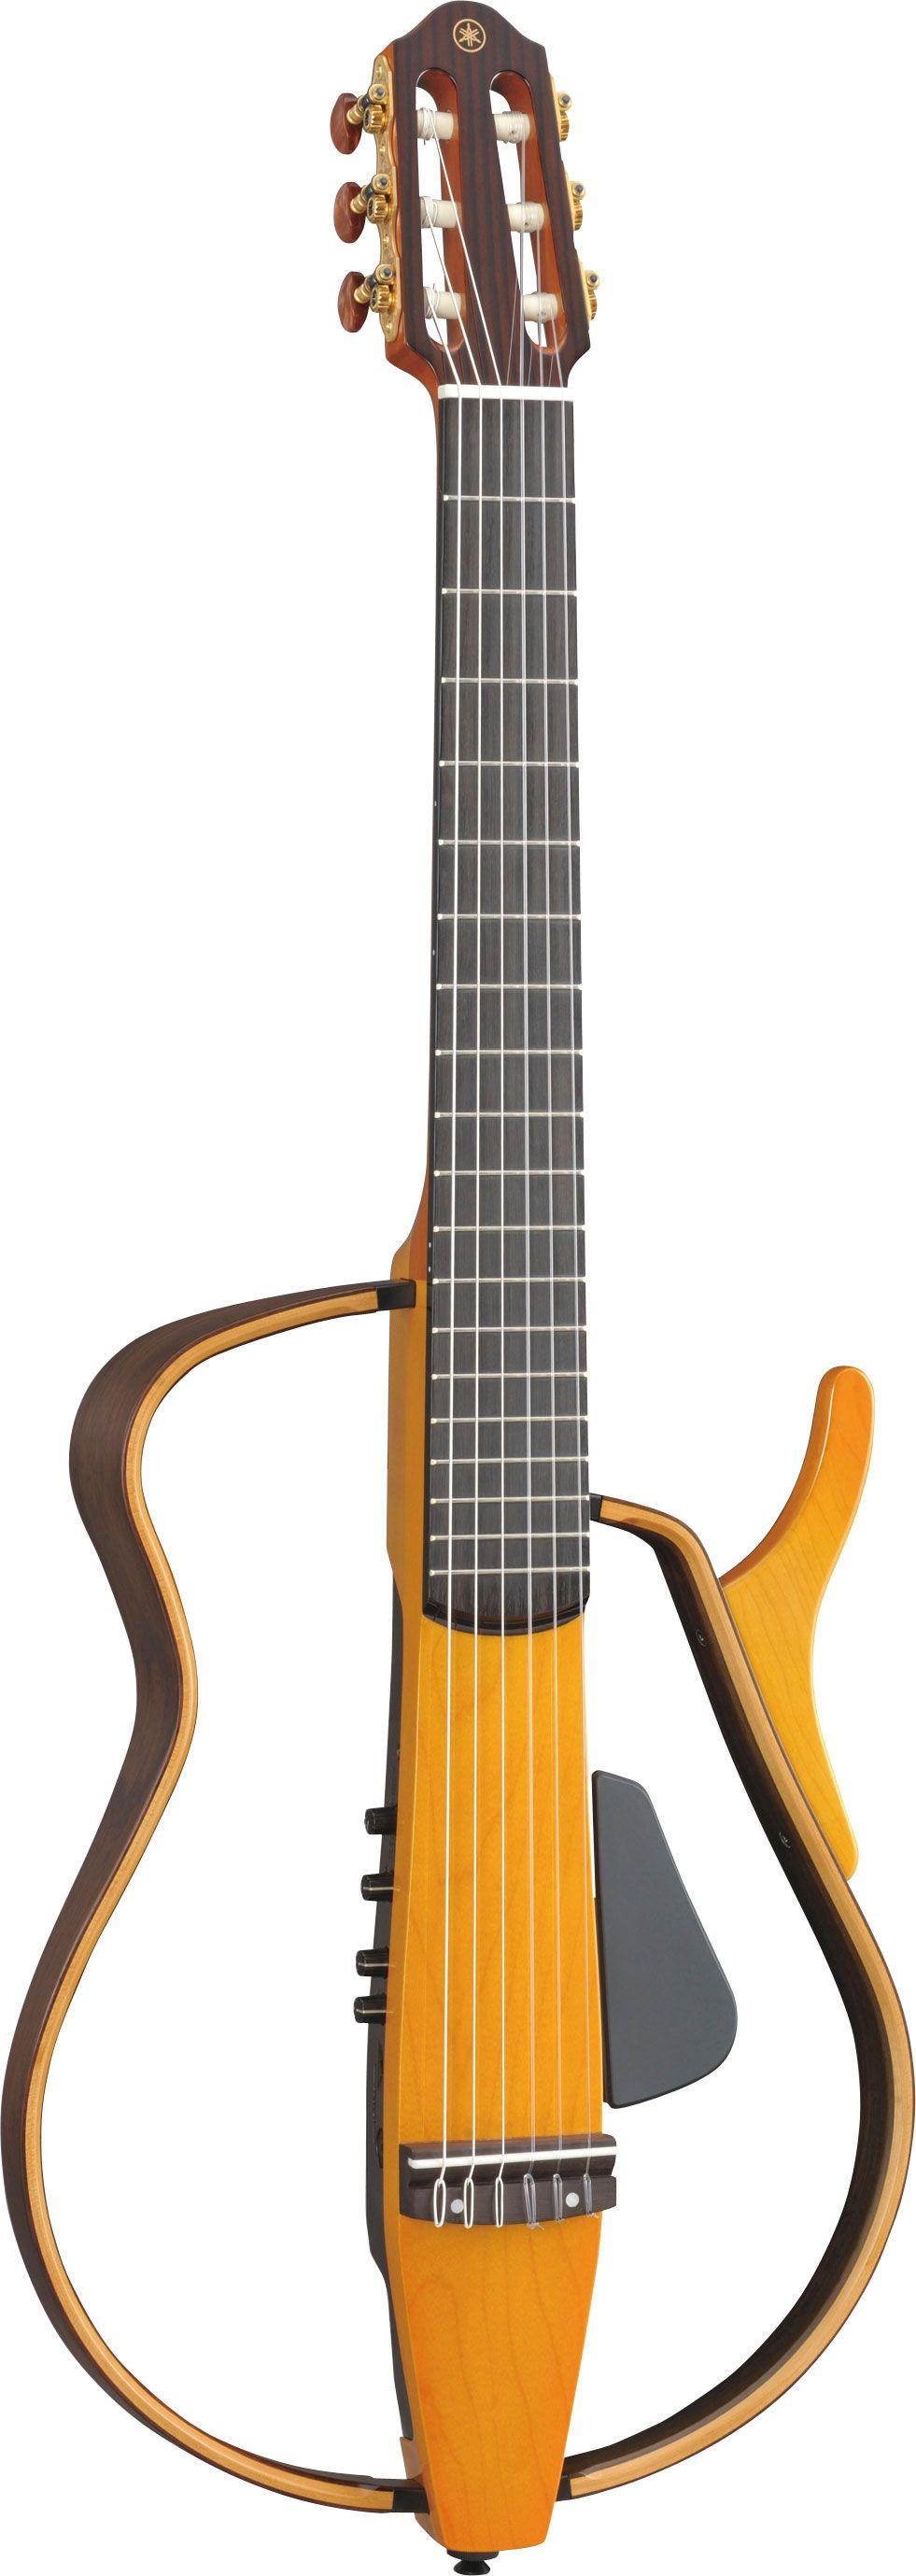 Yamaha SILENT Guitar featured image